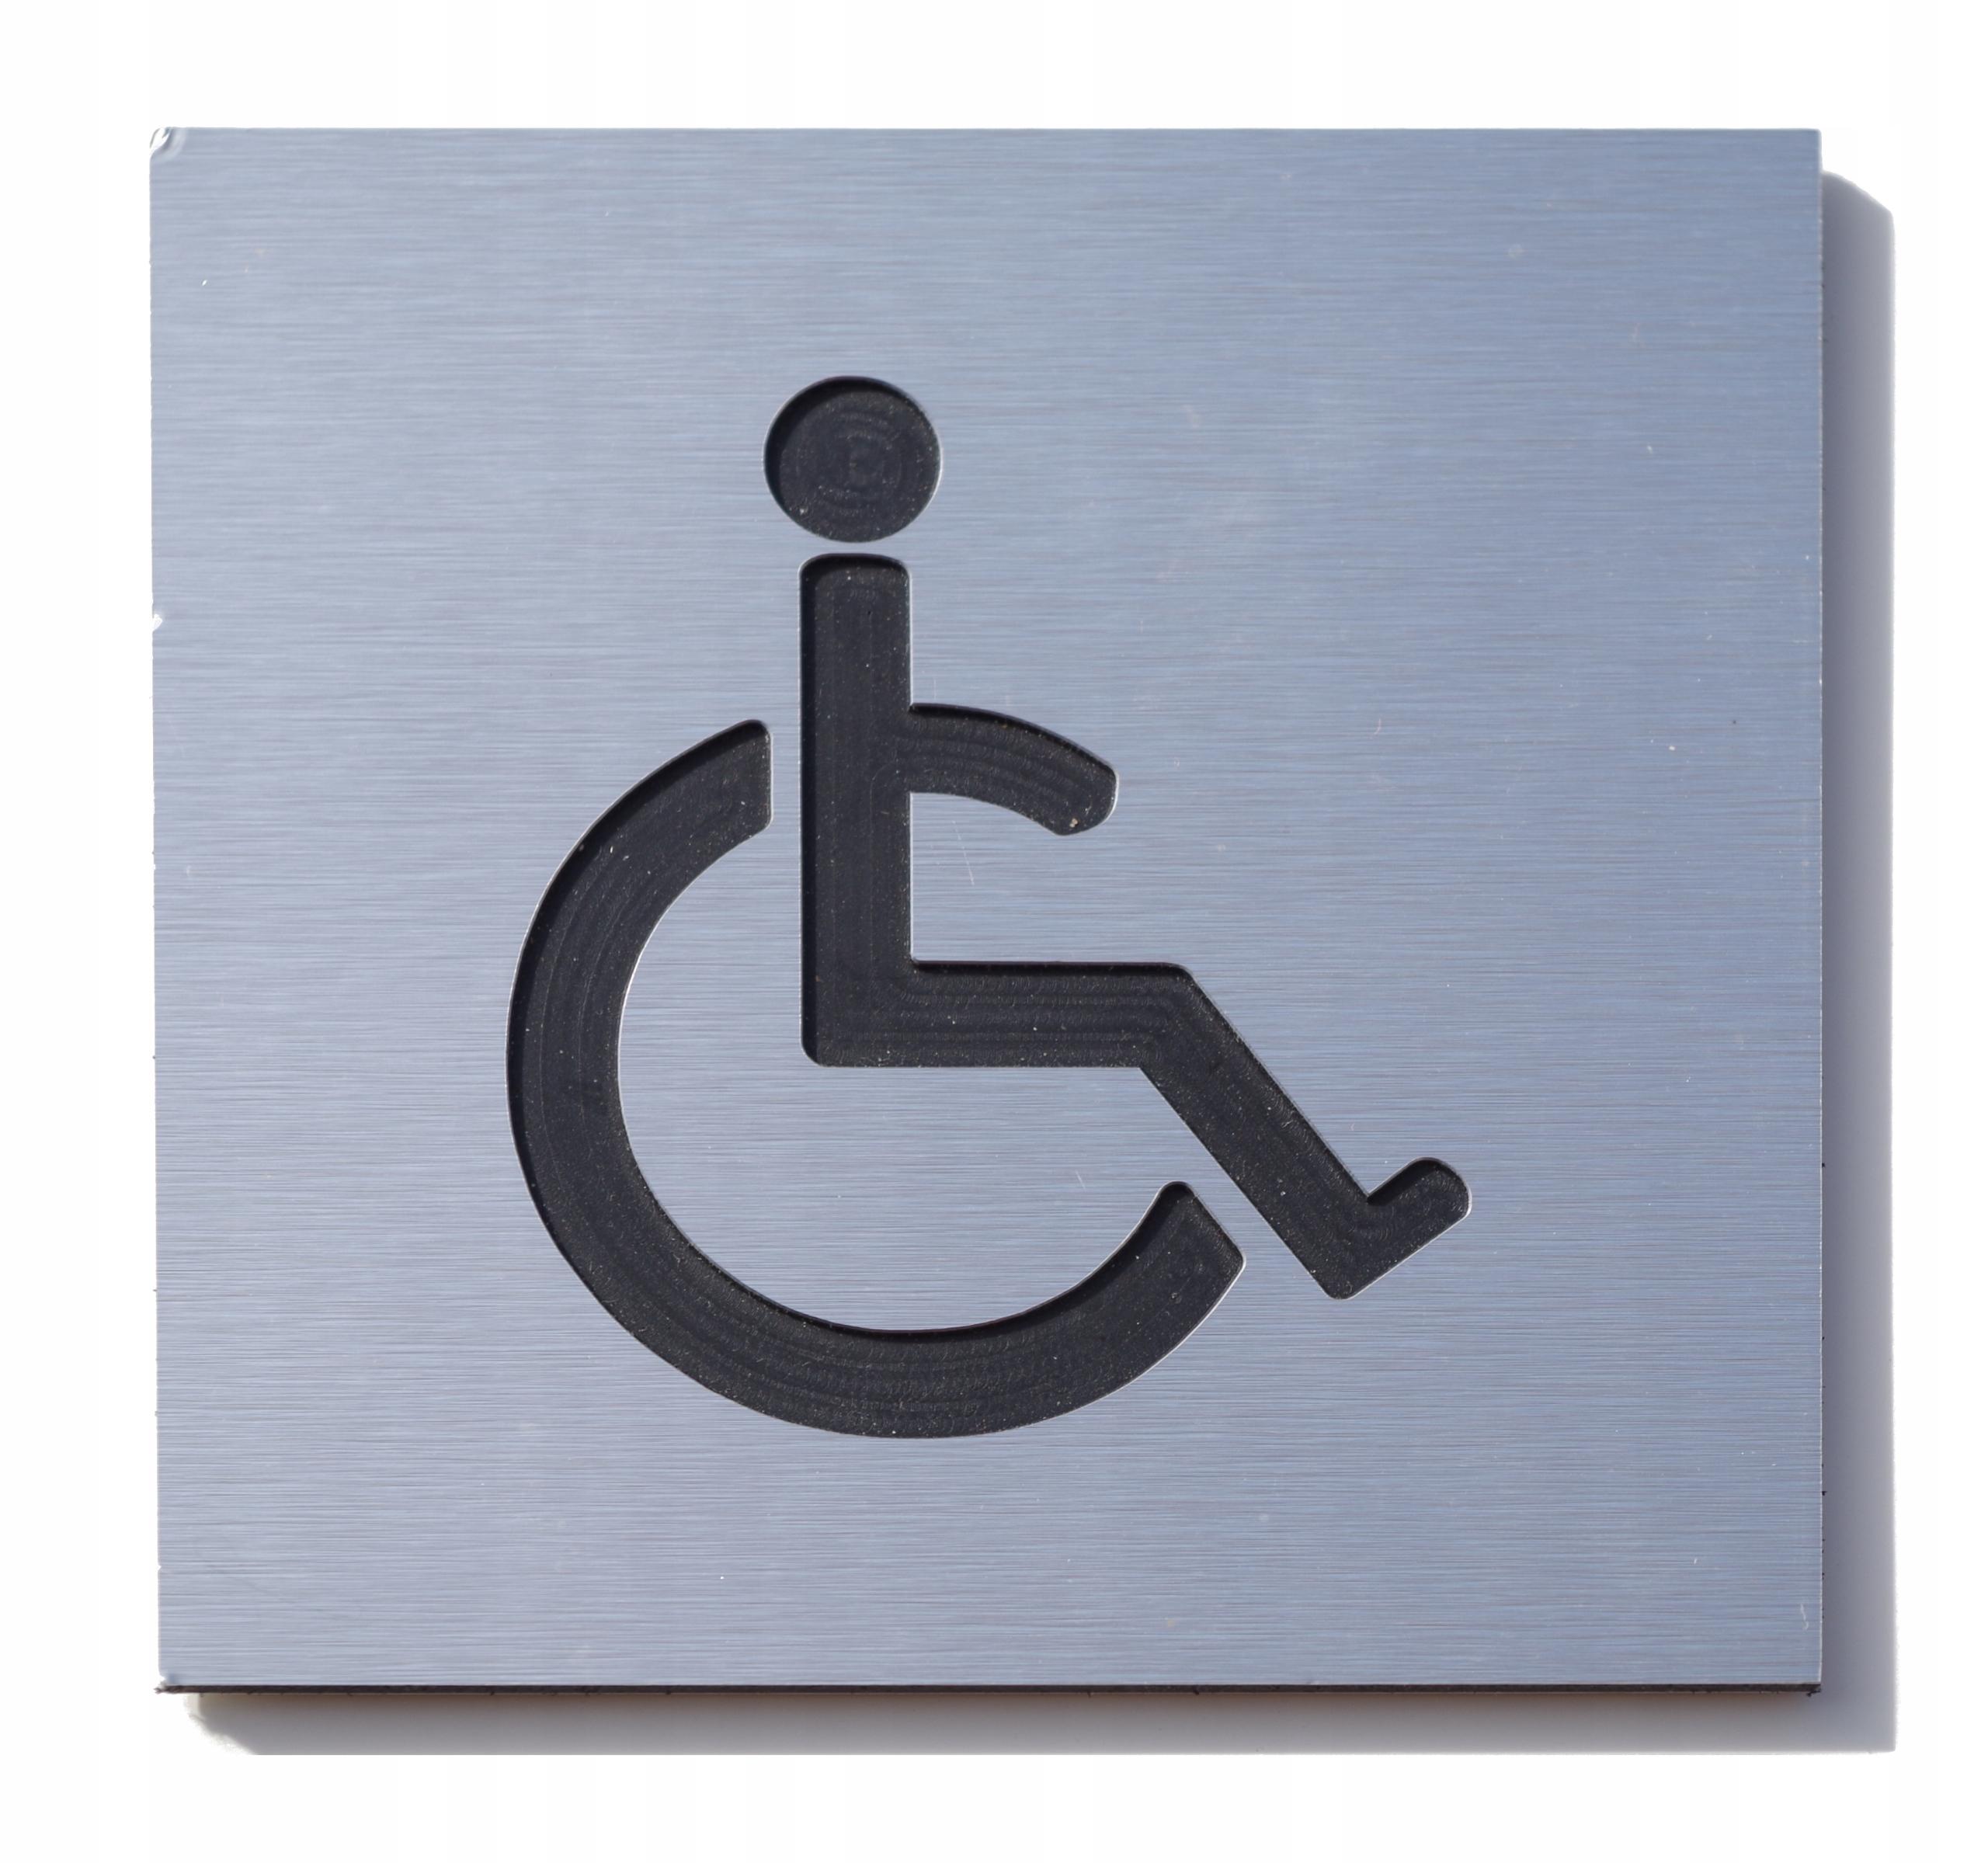 Знаки для туалетов для инвалидов картинки